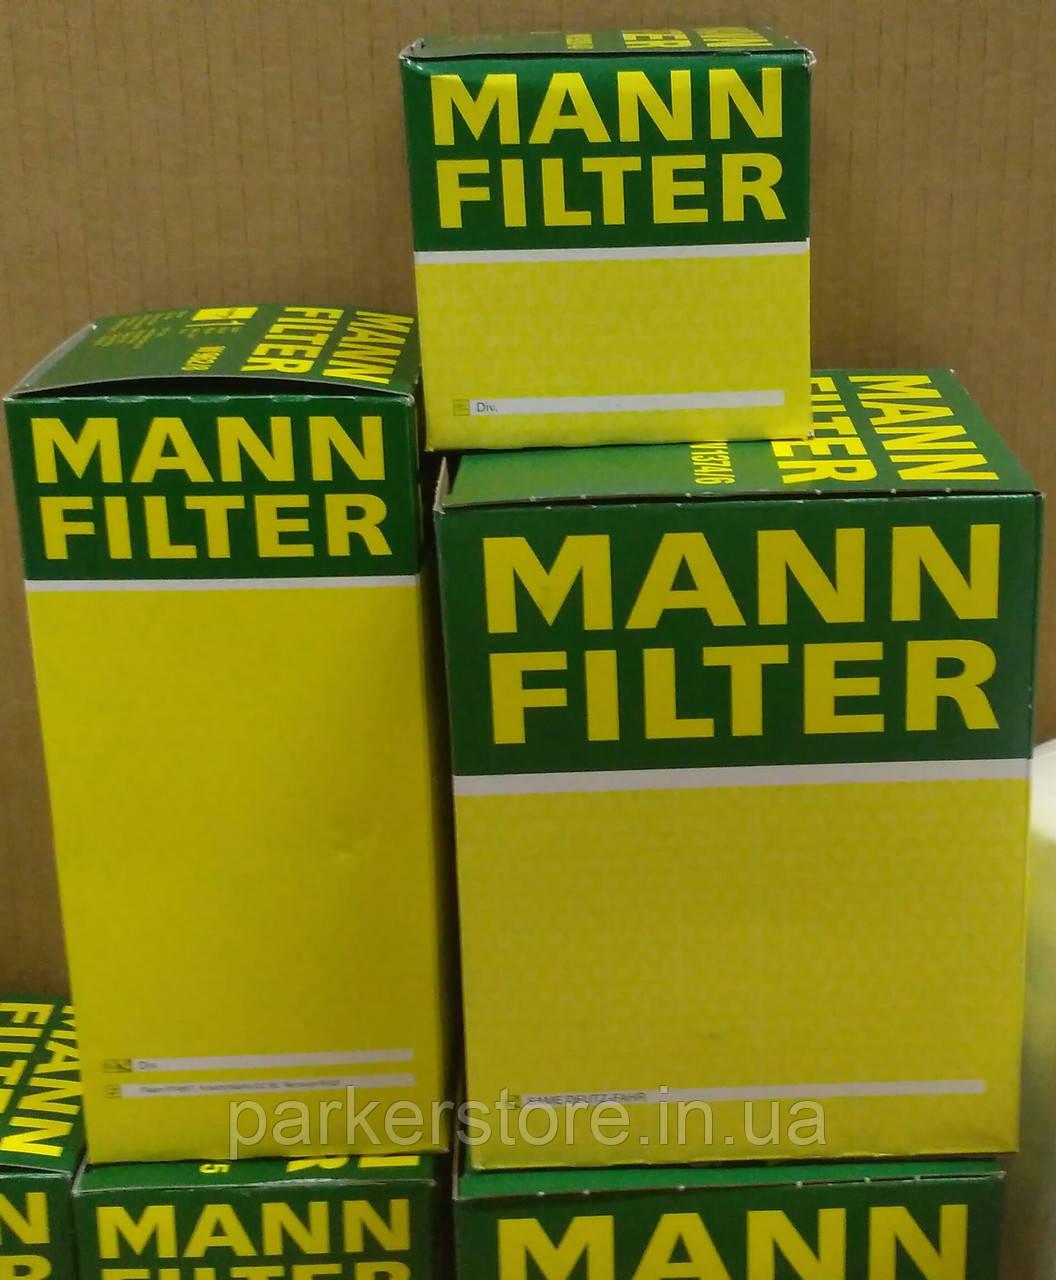 MANN FILTER / Повітряний фільтр / C 26 008 / C26008